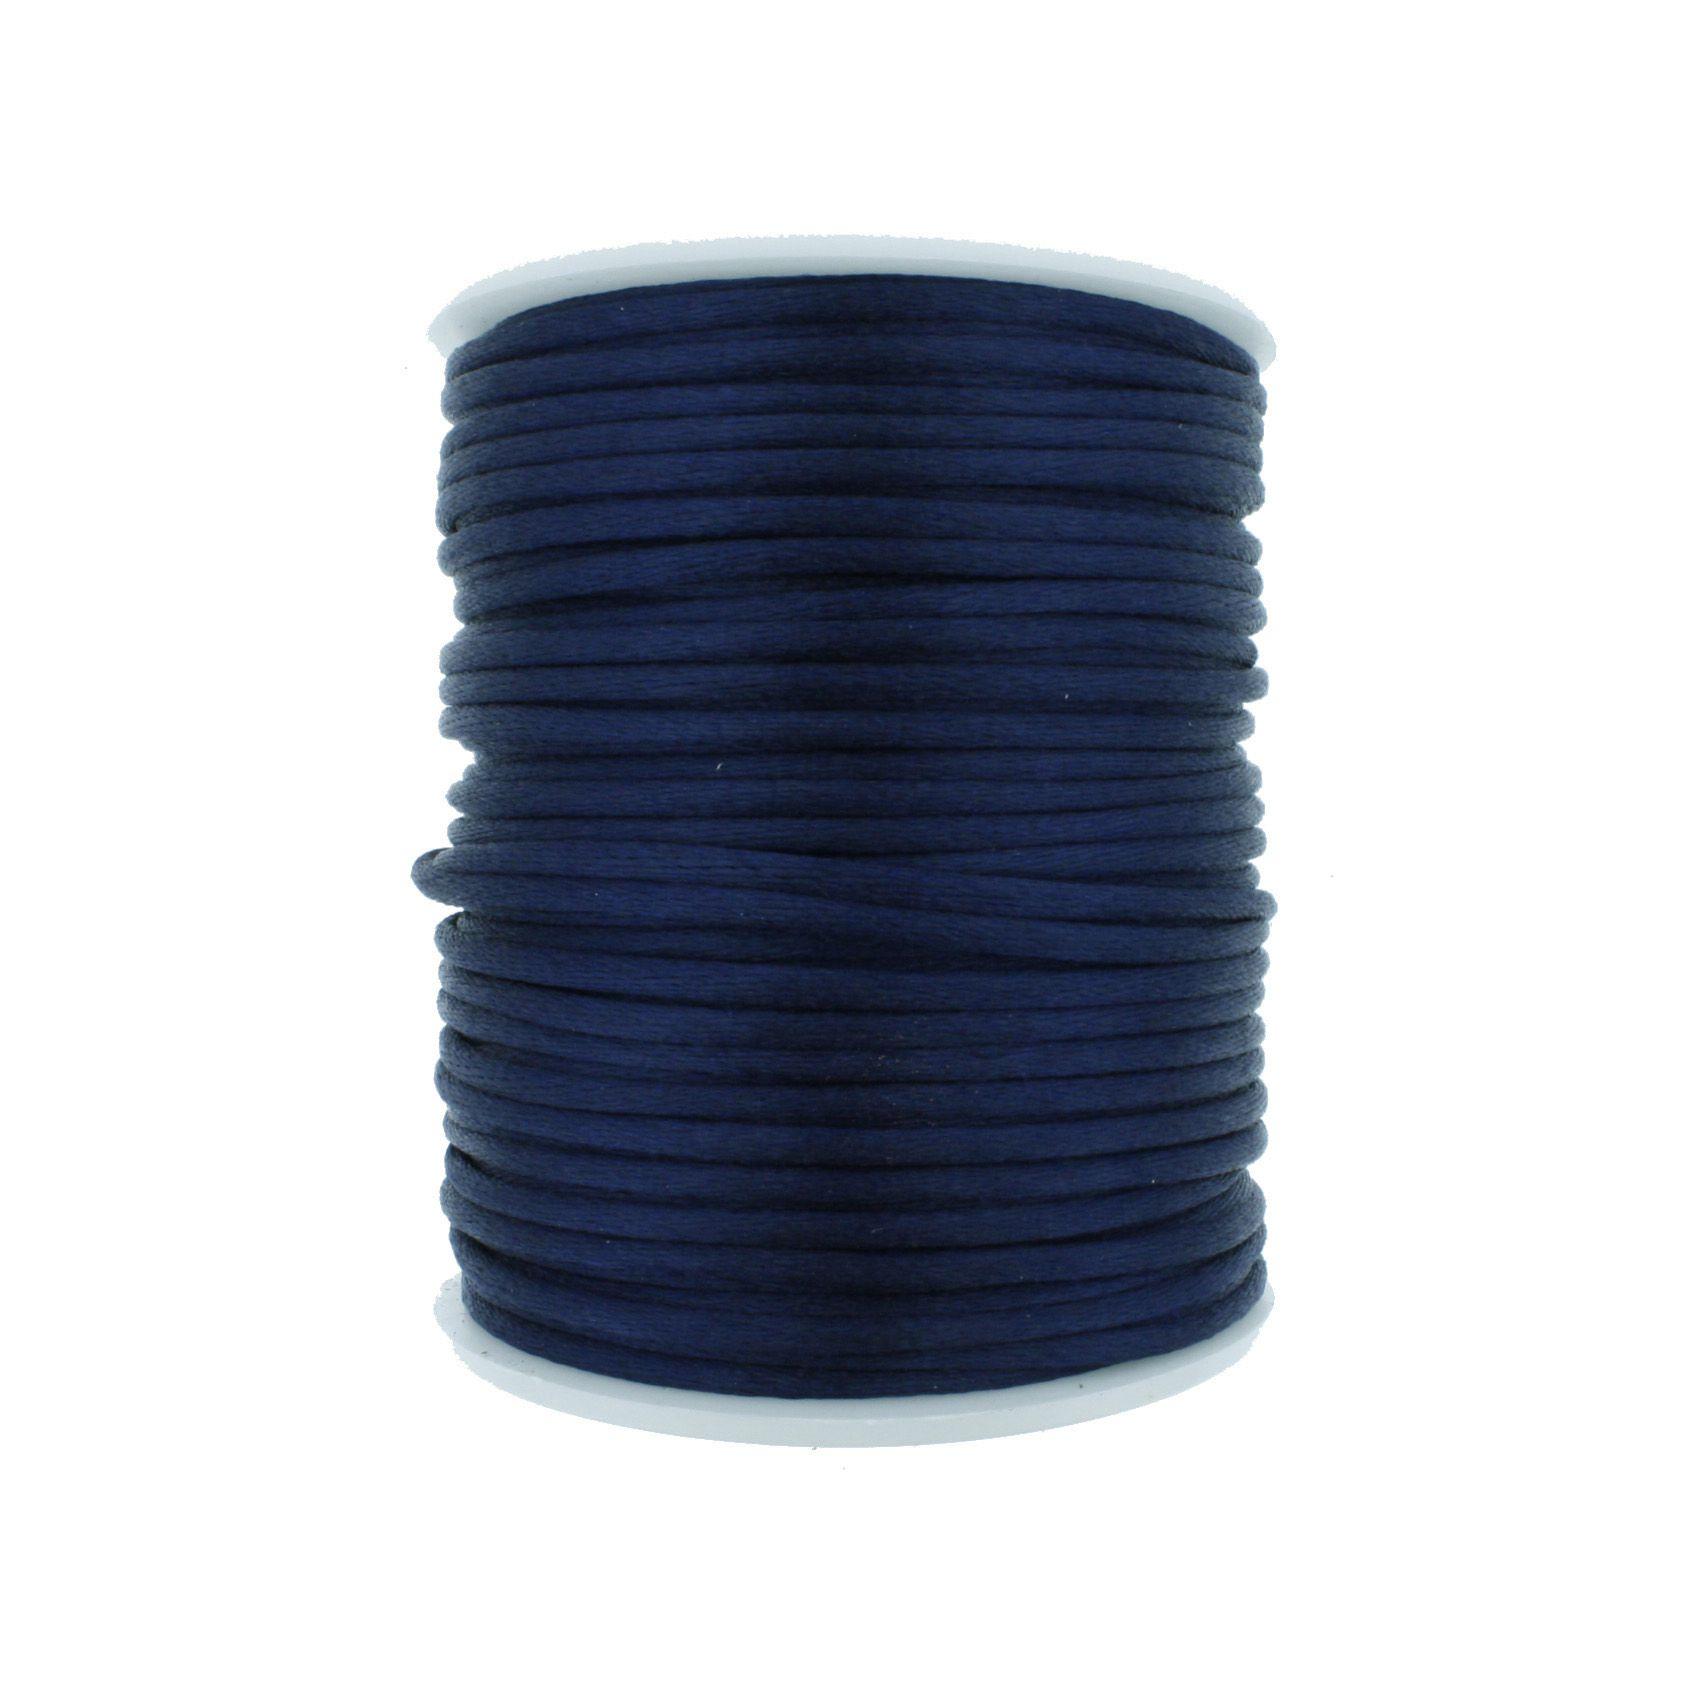 Cordão de Seda - Azul Marinho - 2mm  - Stéphanie Bijoux® - Peças para Bijuterias e Artesanato